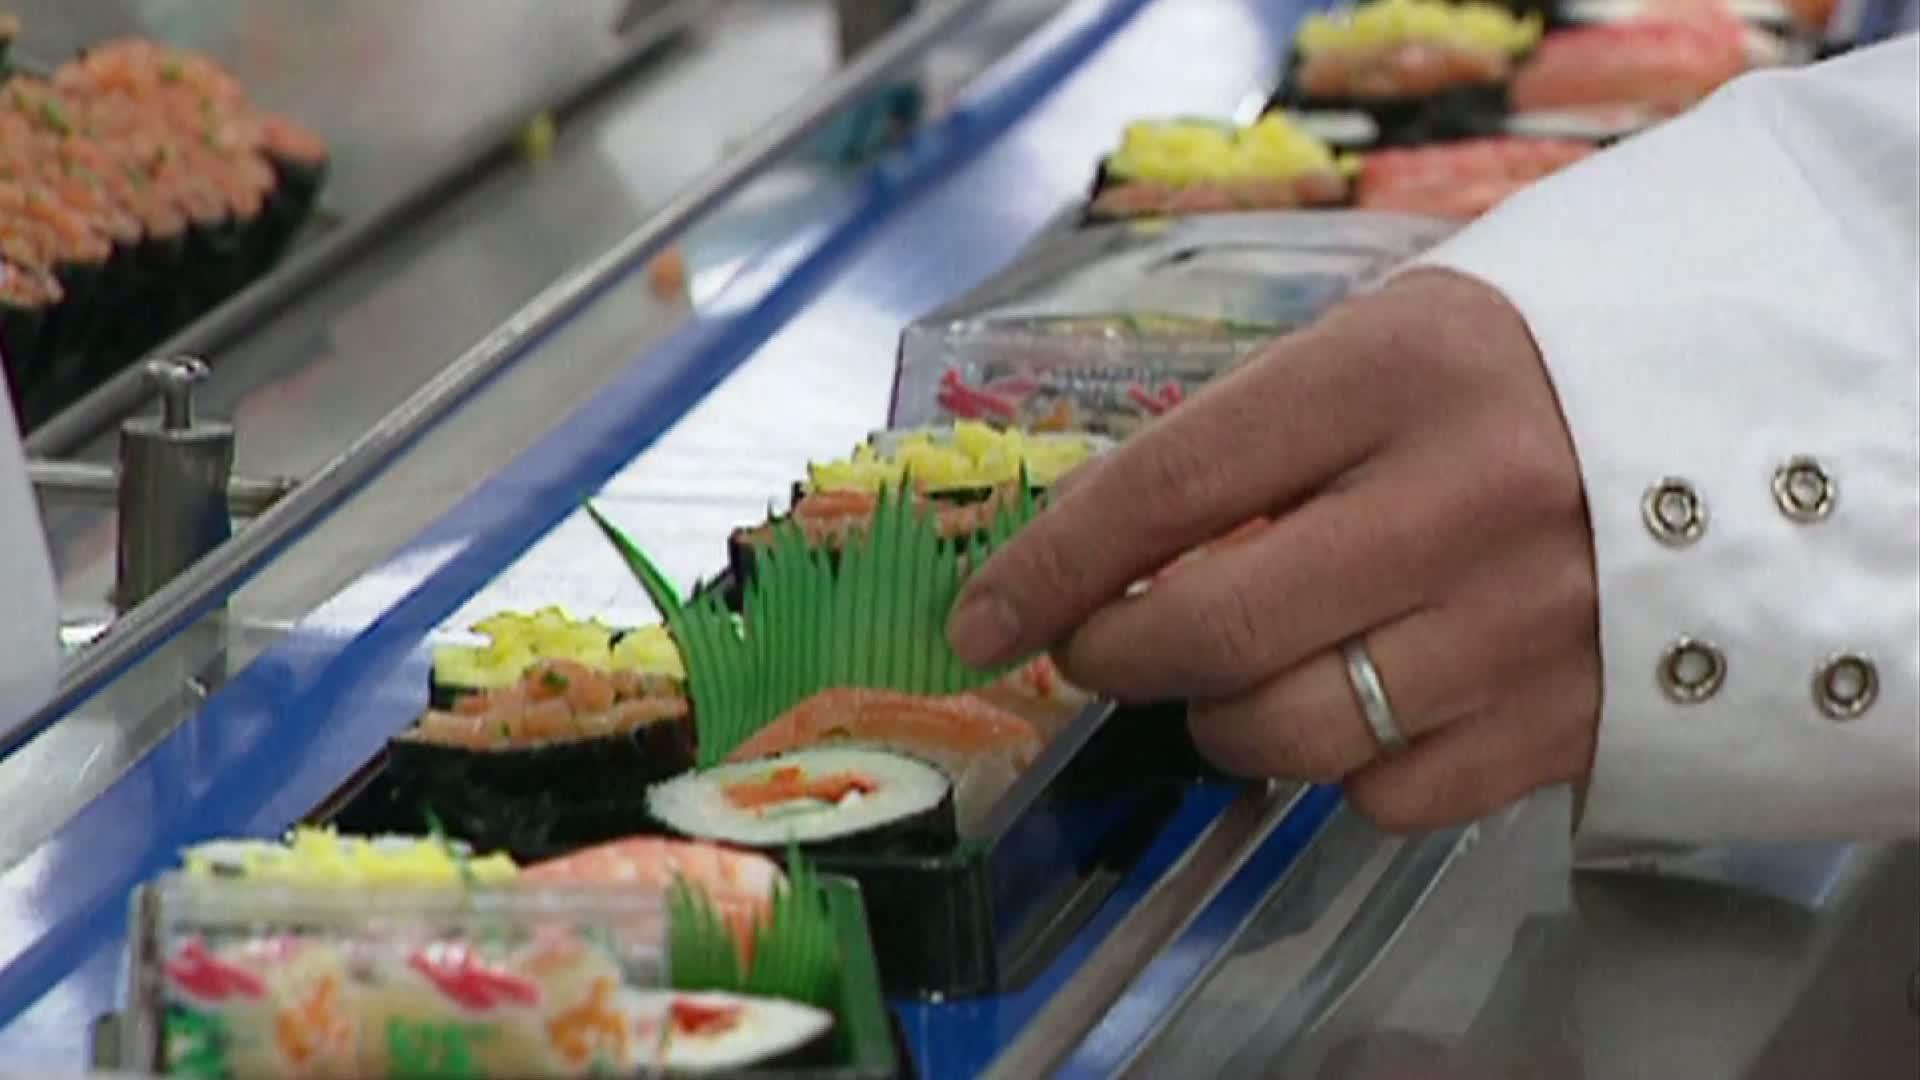 The Hidden Calories in Health Foods